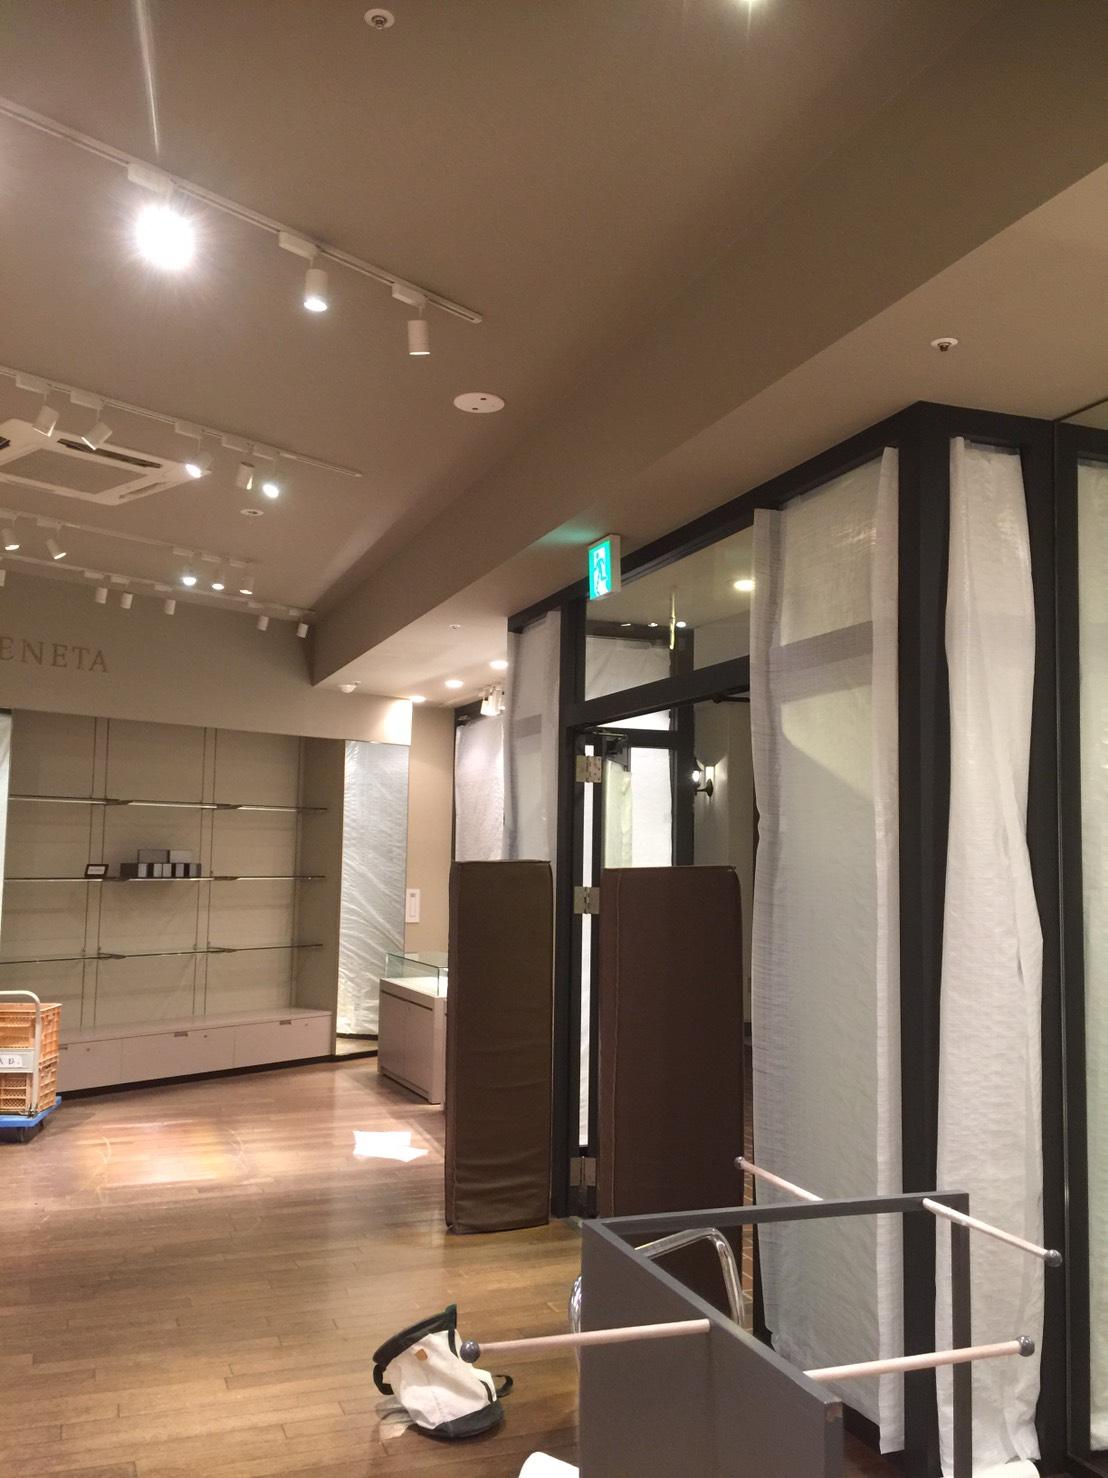 愛知県名古屋市の建築一般工事 リフォーム工事の株式会社松昇の市内 店舗改装工事